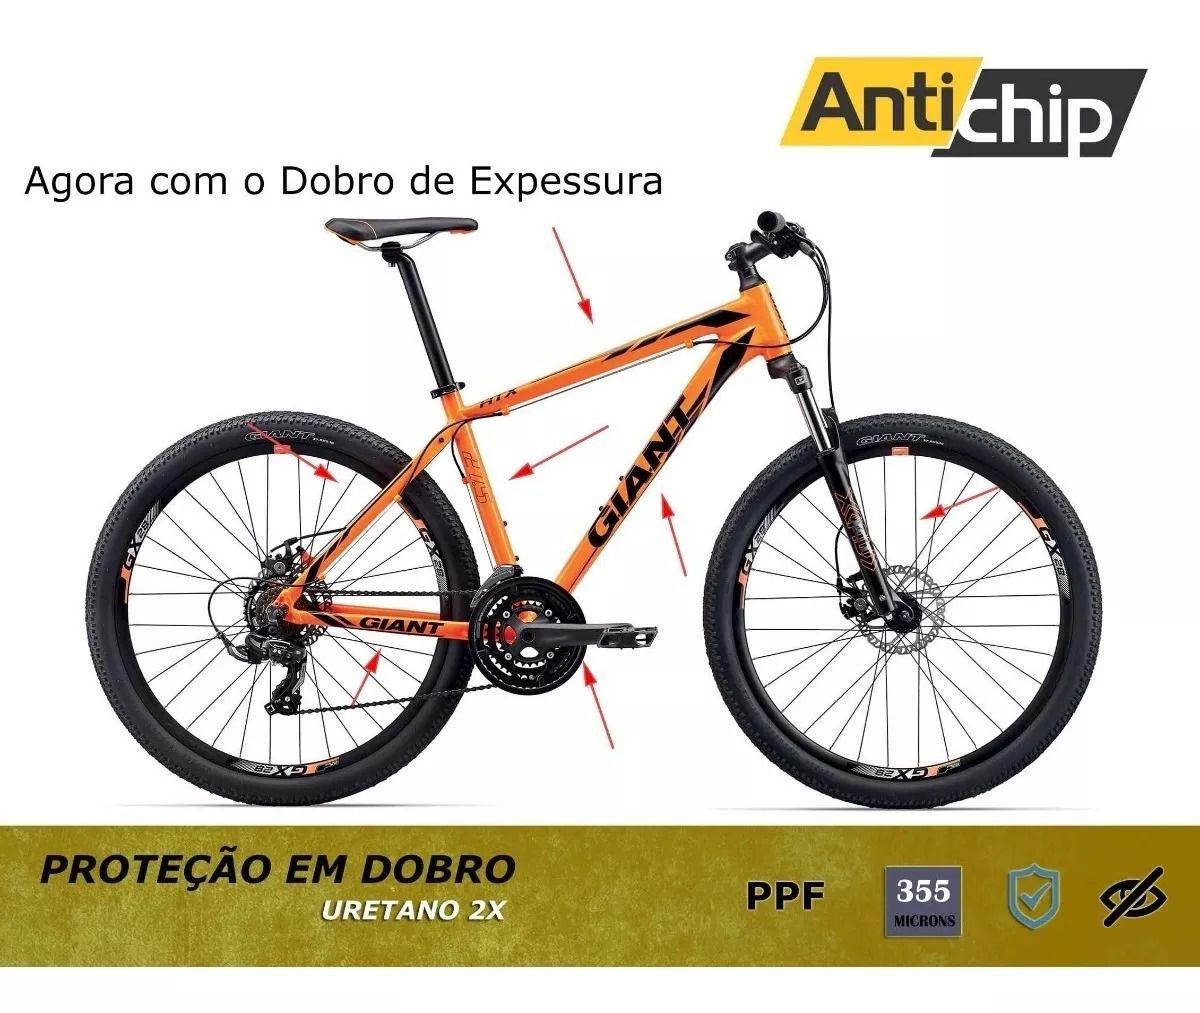 Película Protetora de Pintura Bicicleta Giant 355 microns - Antichip